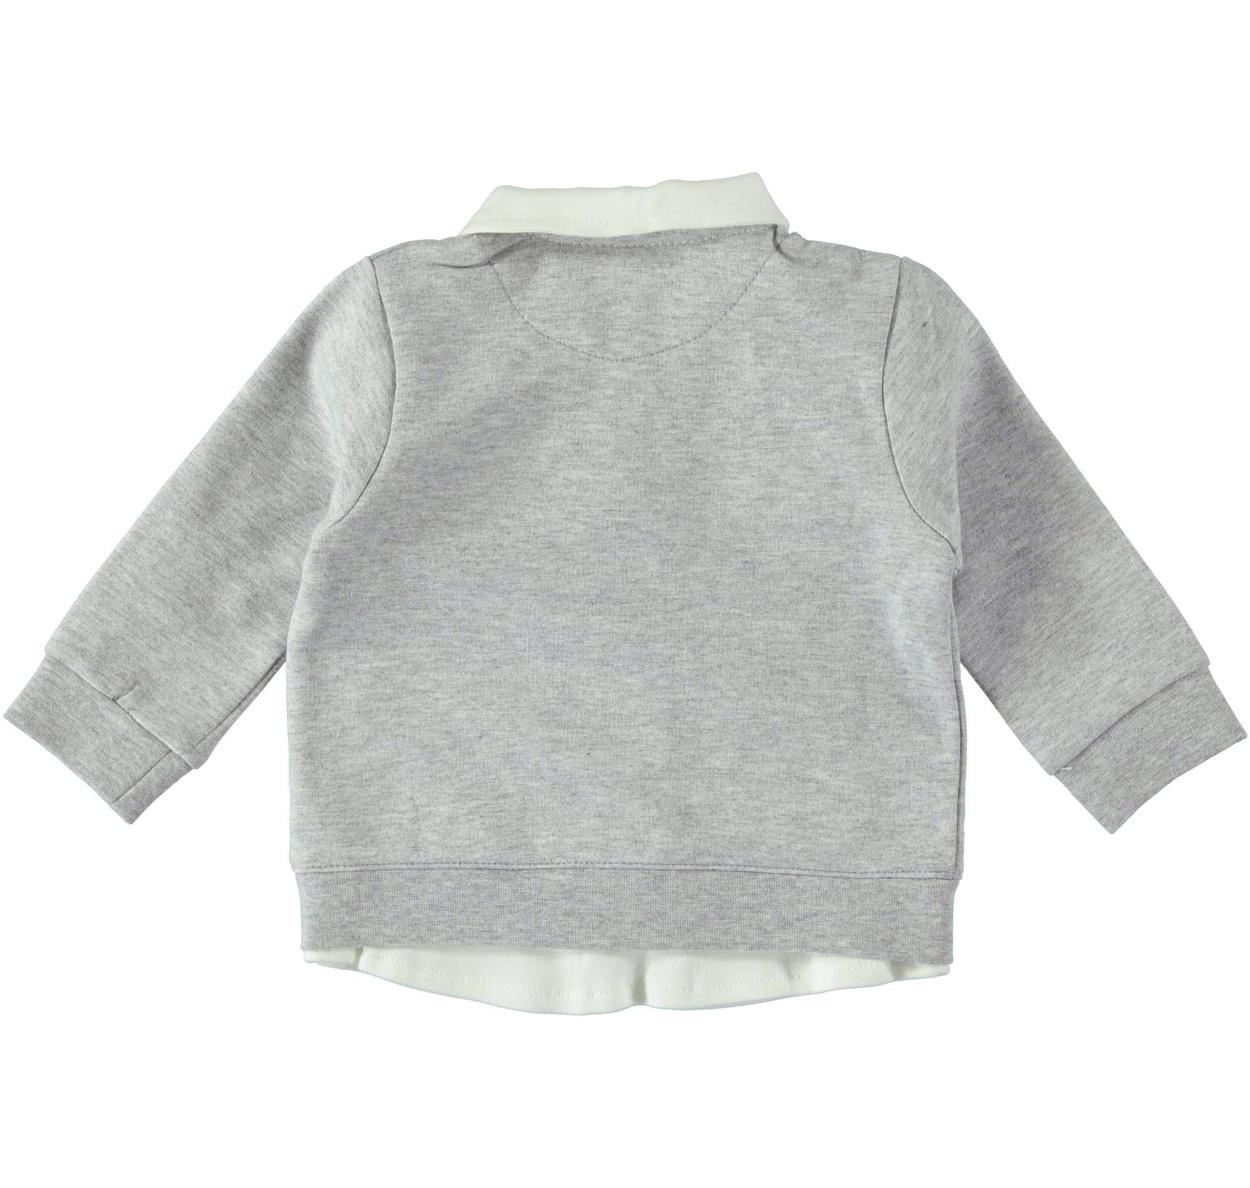 scarpe sportive 113c5 5660c Maglietta finta camicia con maglioncino per neonato da 0 a 18 mesi Mignolo